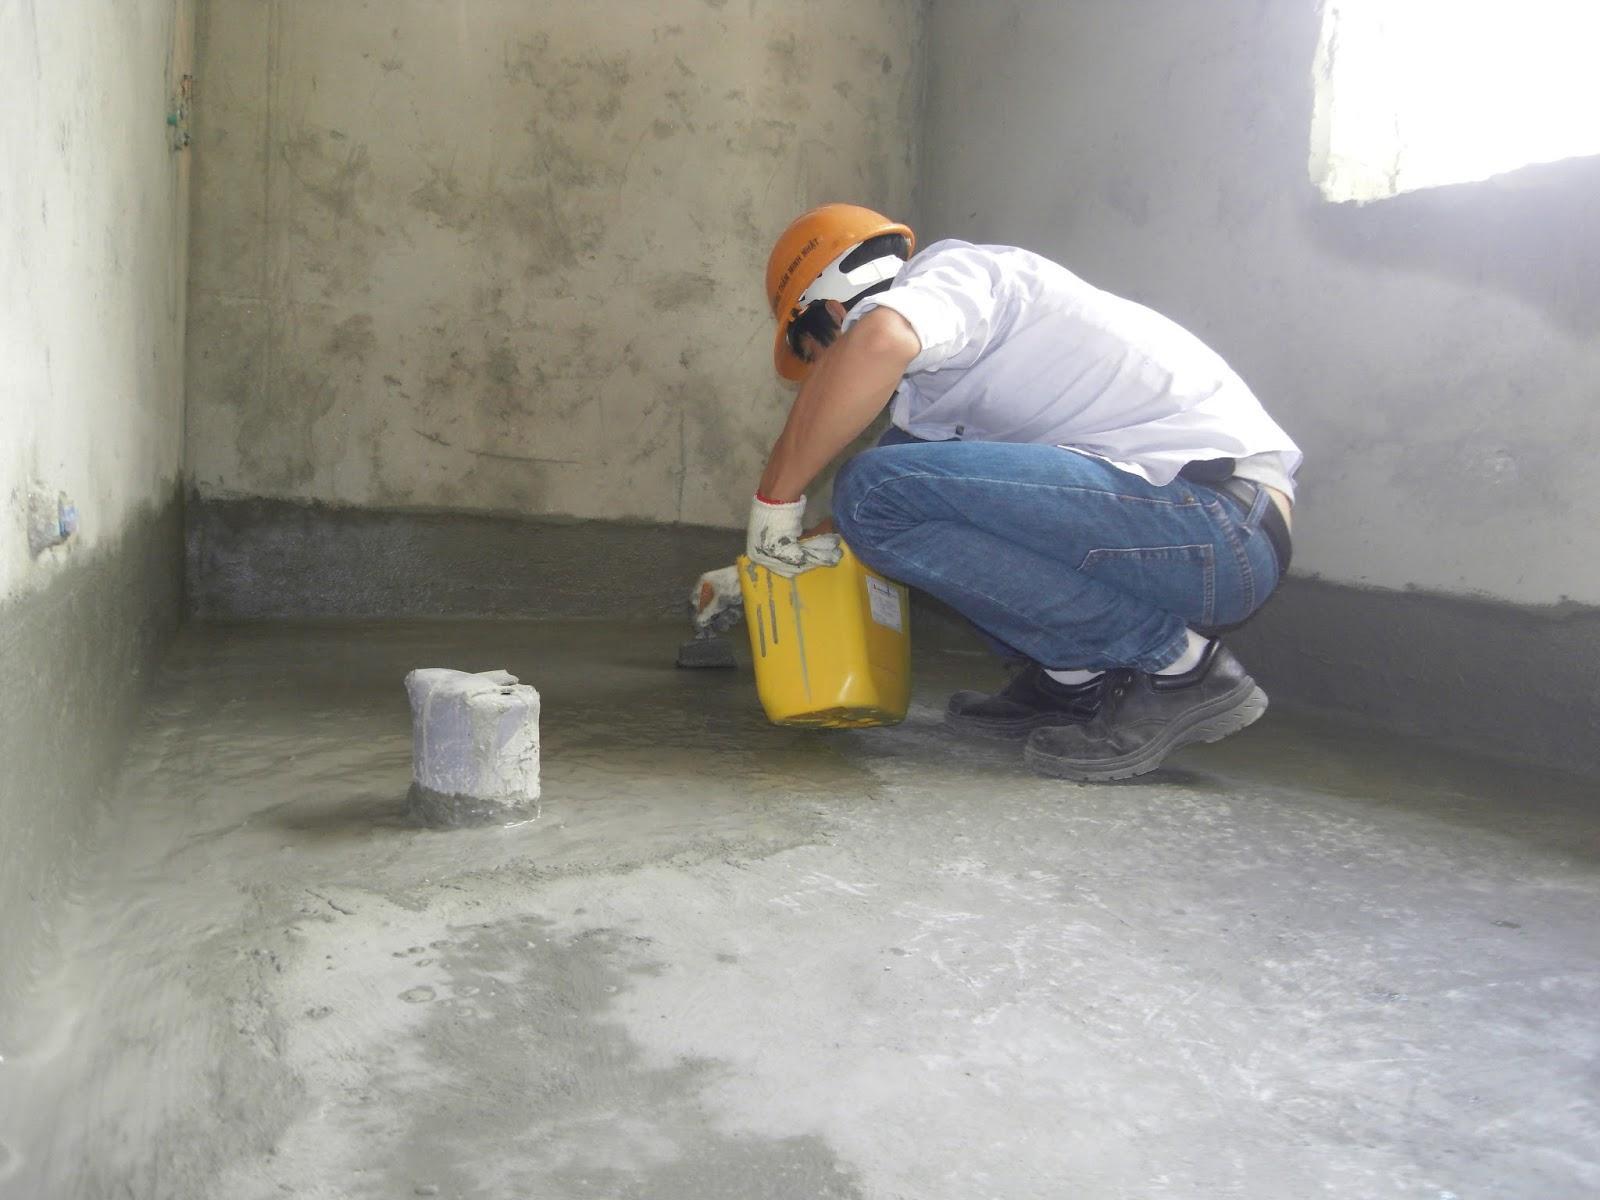 Có nhiều dịch vụ vệ sinh công nghiệp tại Quận 2 được cung cấp bởi Gia Khang